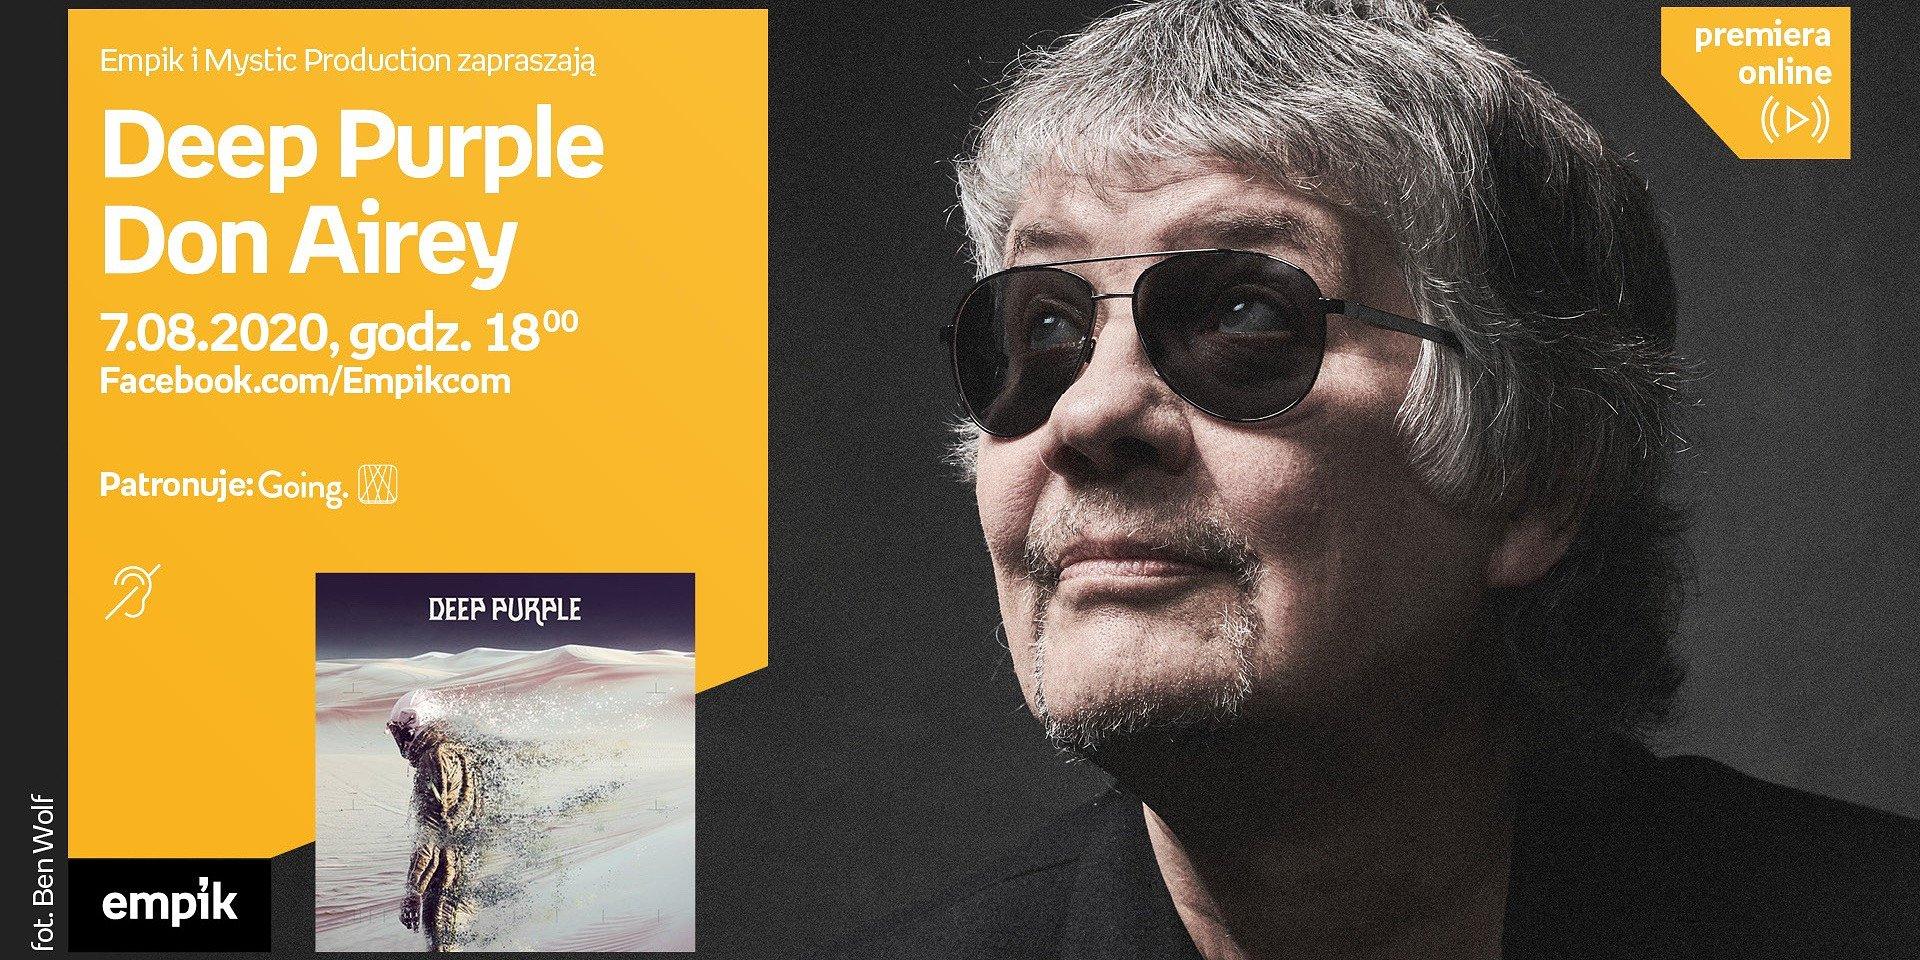 LP i Don Airey z Deep Purple spotkają się z polskimi fanami w wirtualnej przestrzeni